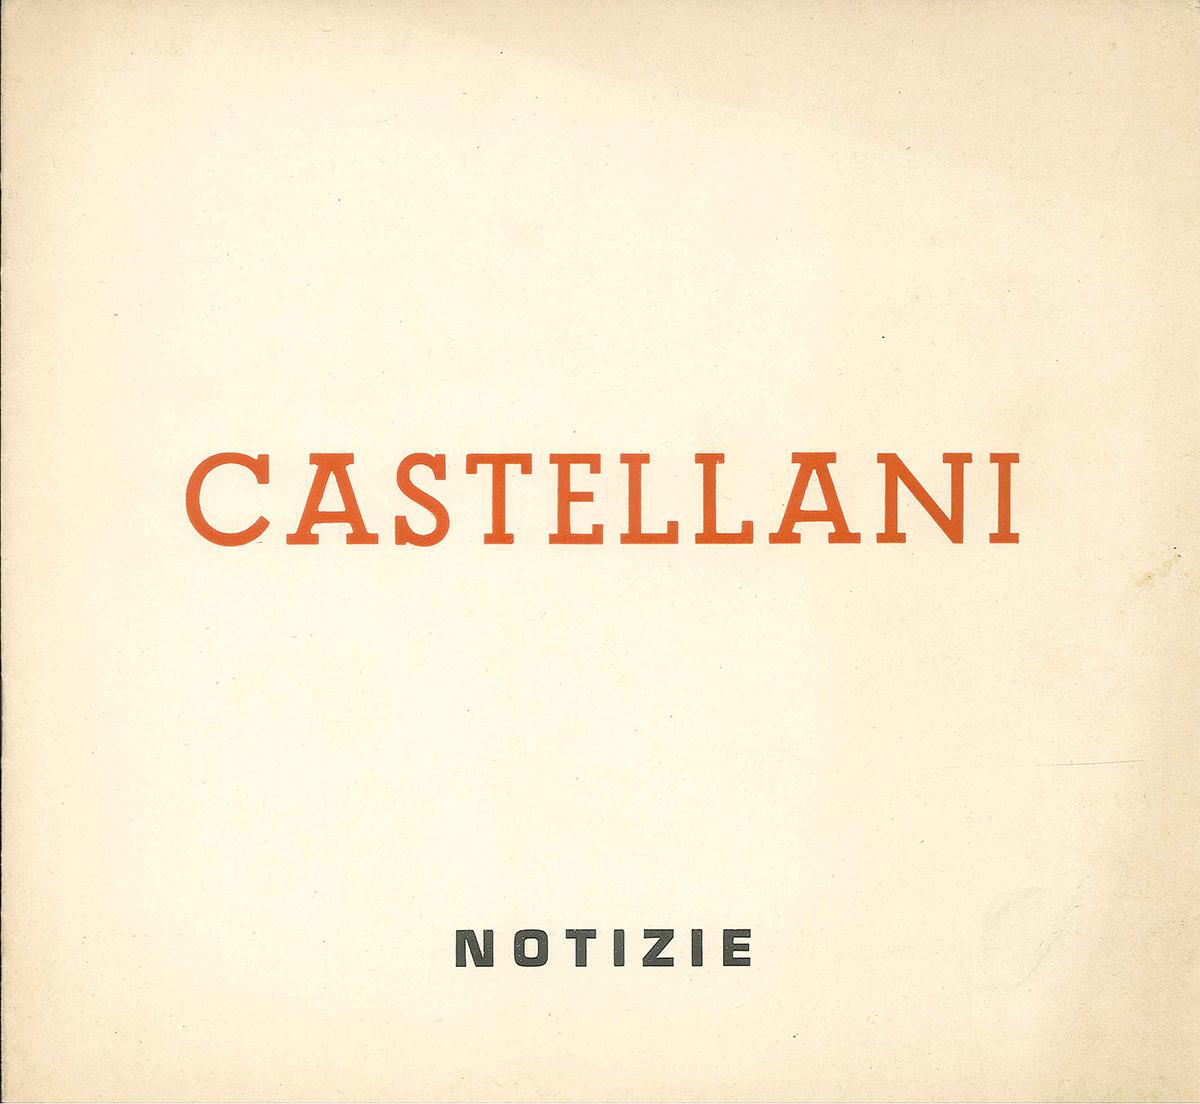 Cover - Castellani, Carla Lonzi, 1964, Galleria Notizie, Torino